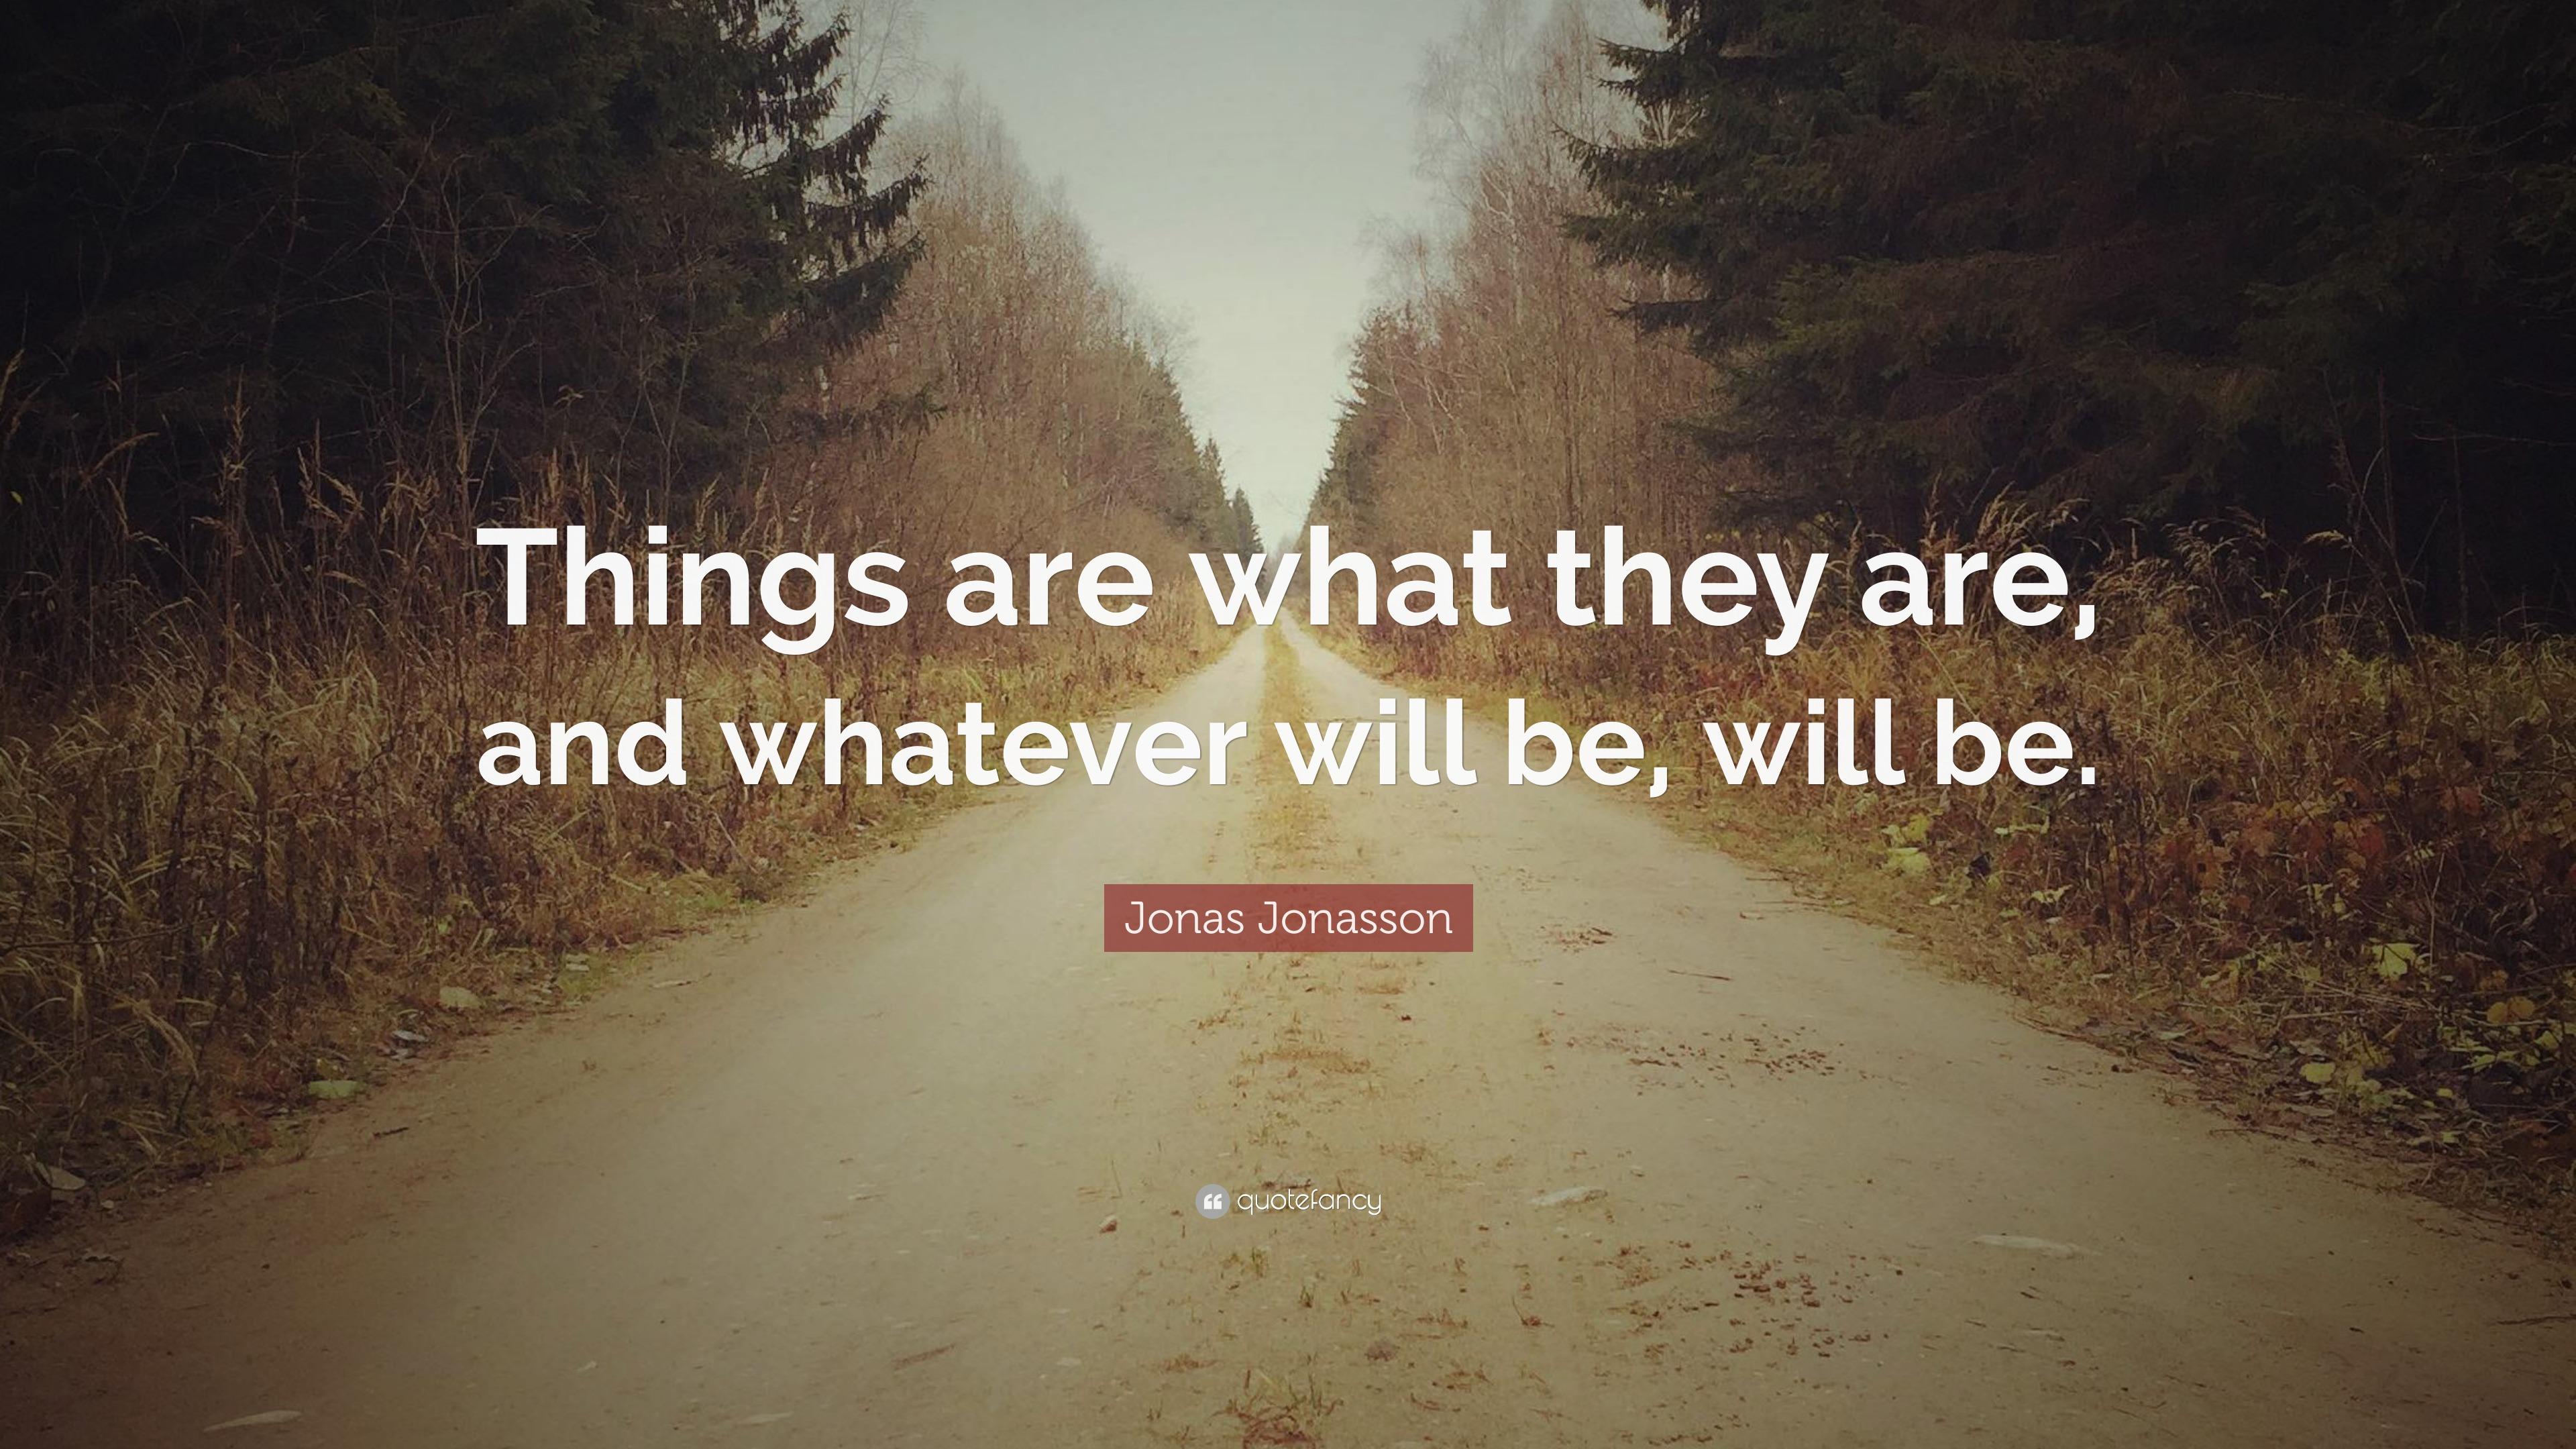 Jonas Jonasson Quotes (7 wallpapers) - Quotefancy